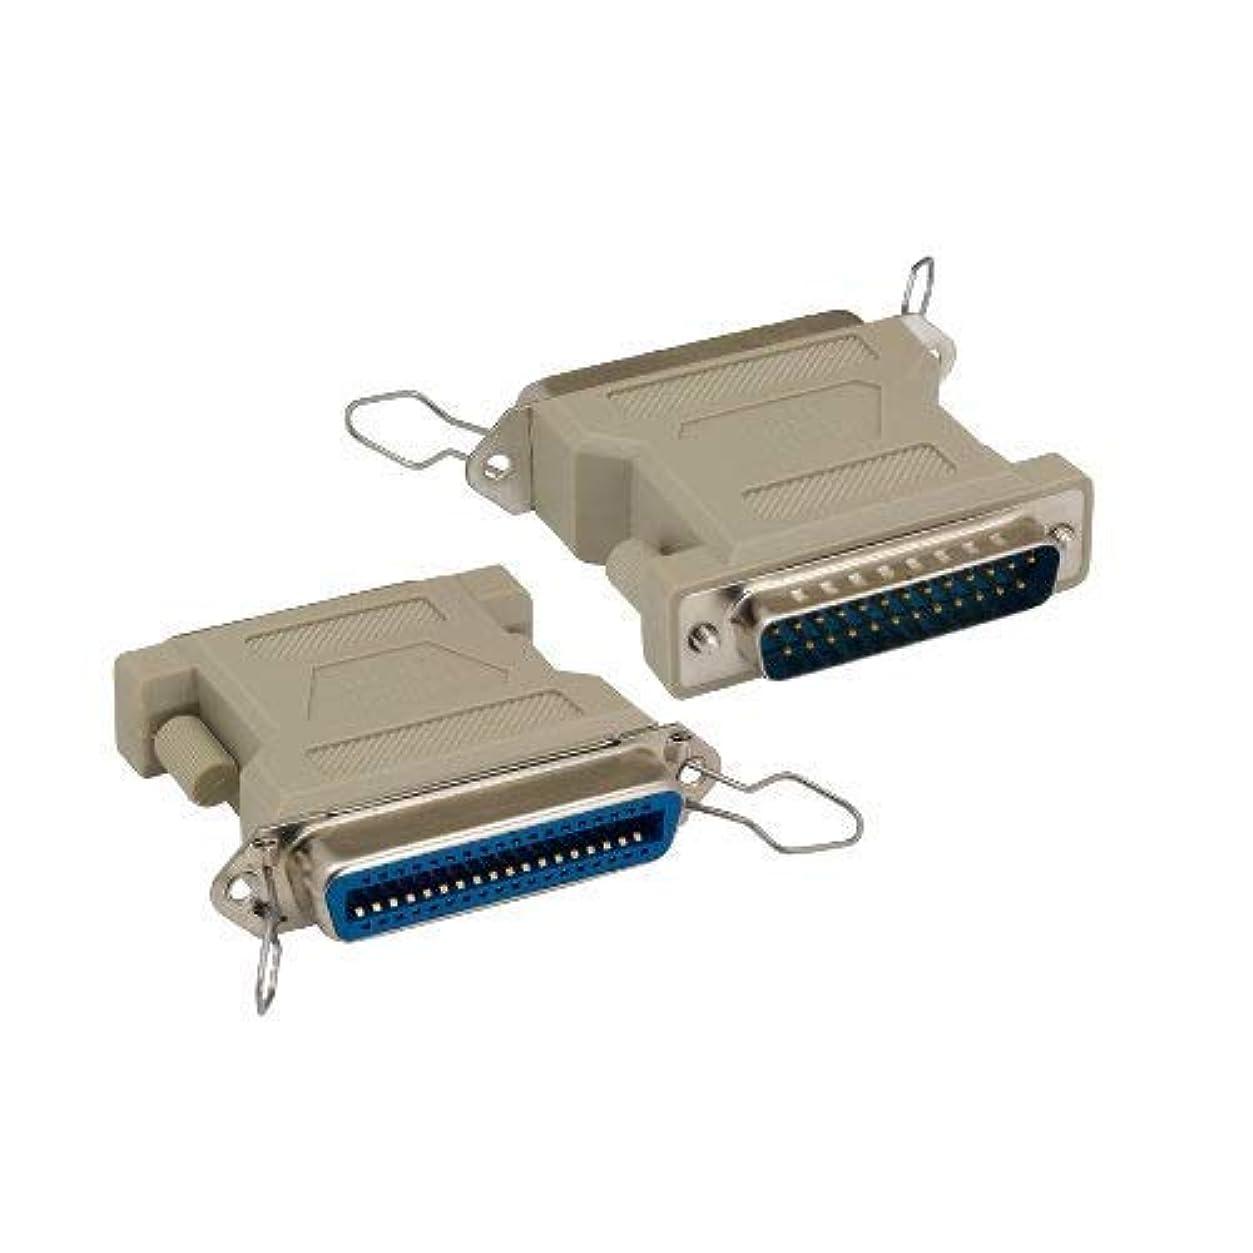 コンソール放課後複雑なKentek DB25 25ピンオスからCN36 36ピンメス オスからメス M/F 成形 セントロニクス パラレルプリンターアダプター ジェンダーチェンジャー カプラー RS-232 SCSI